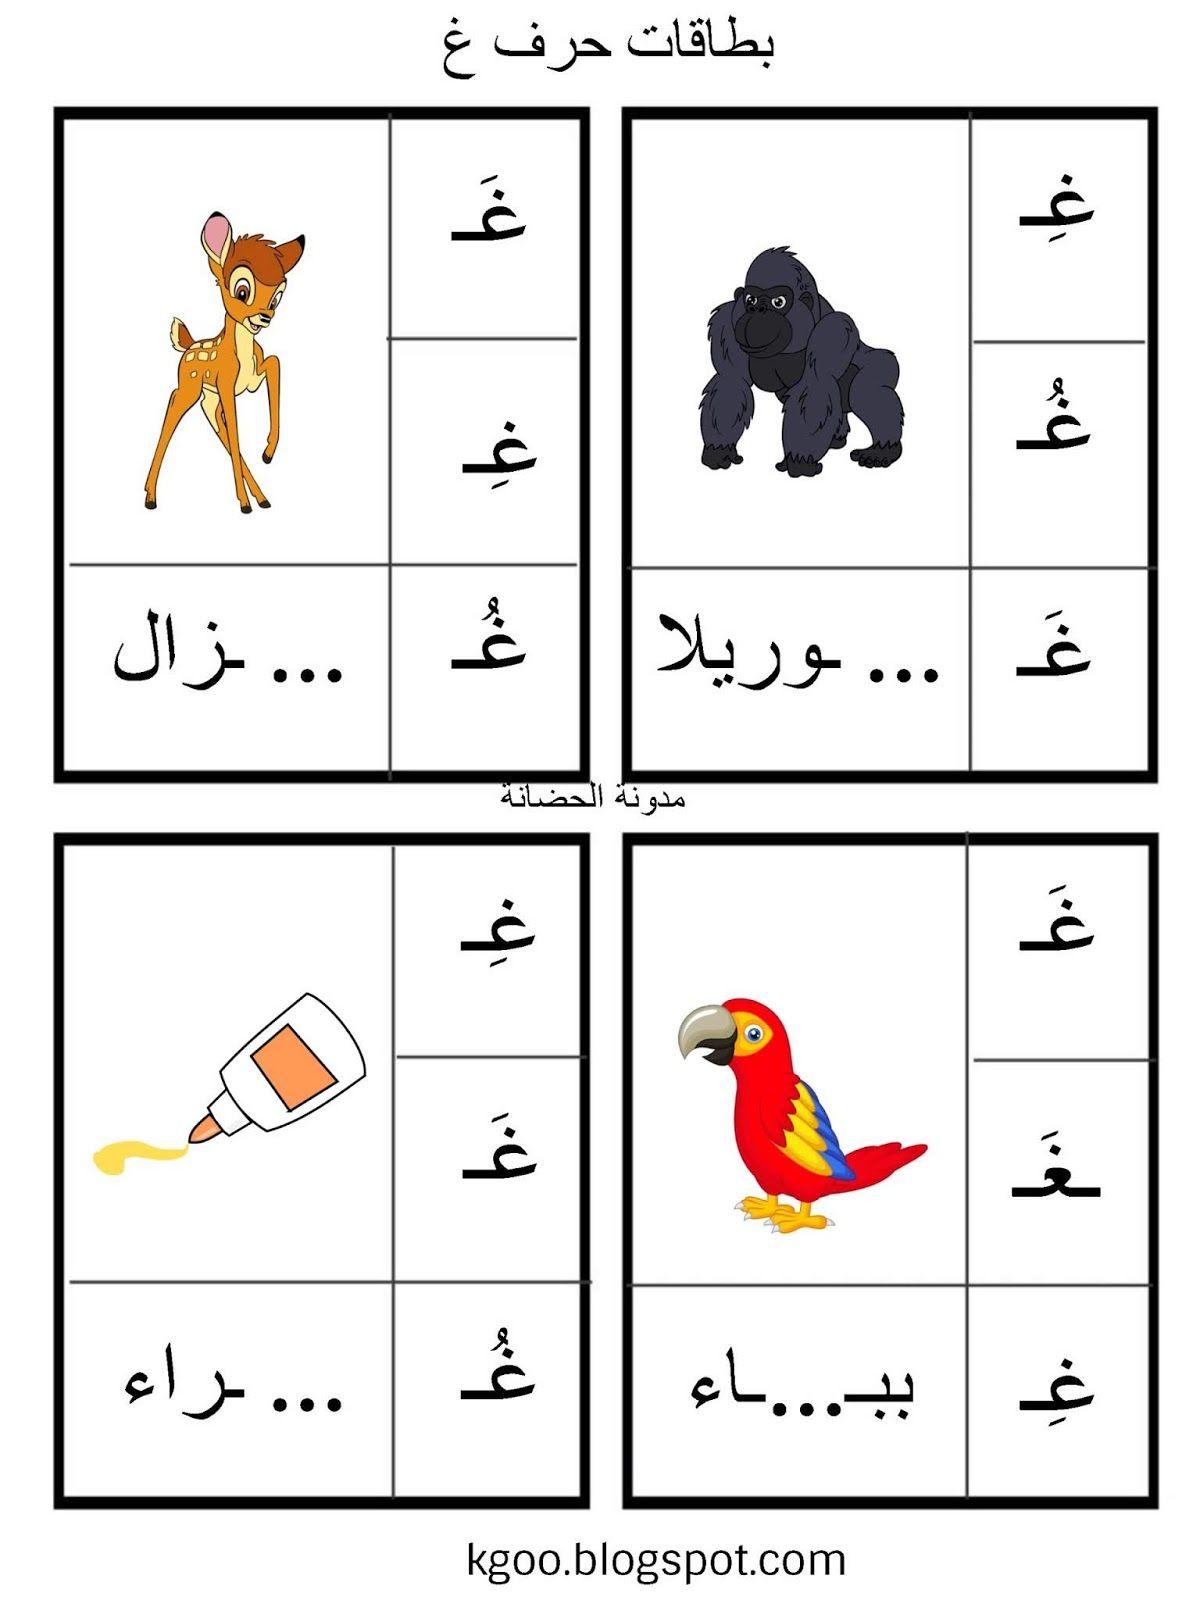 شرح درس حرف الغين للاطفال مع ورقة عمل حرف غ Pdf Arabic Alphabet For Kids Arabic Kids Arabic Alphabet Letters